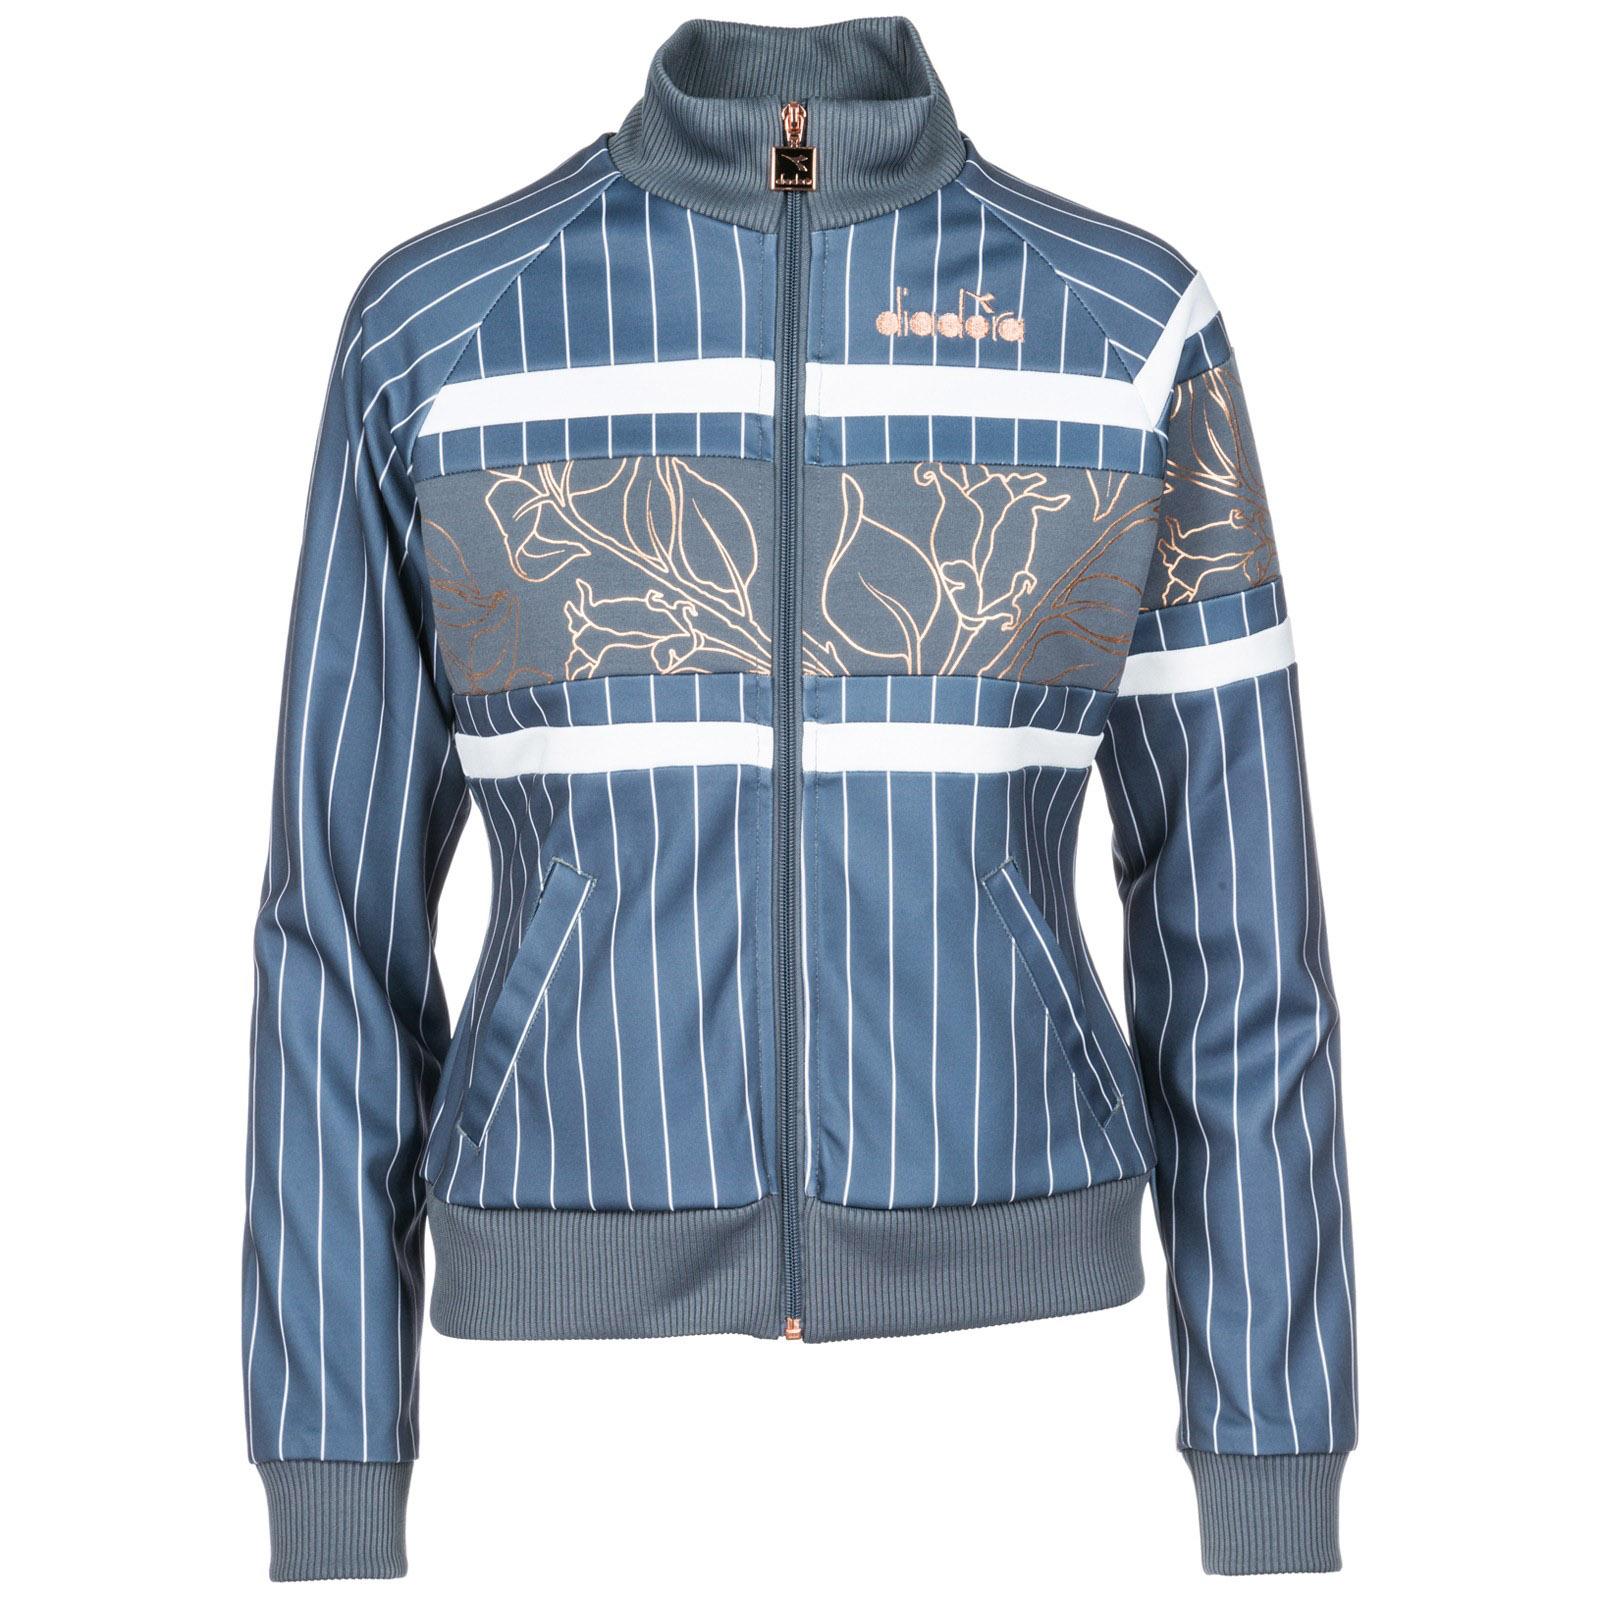 Sweatshirt Mit Zip Diadora 502 174004 Grigio Frmoda Com